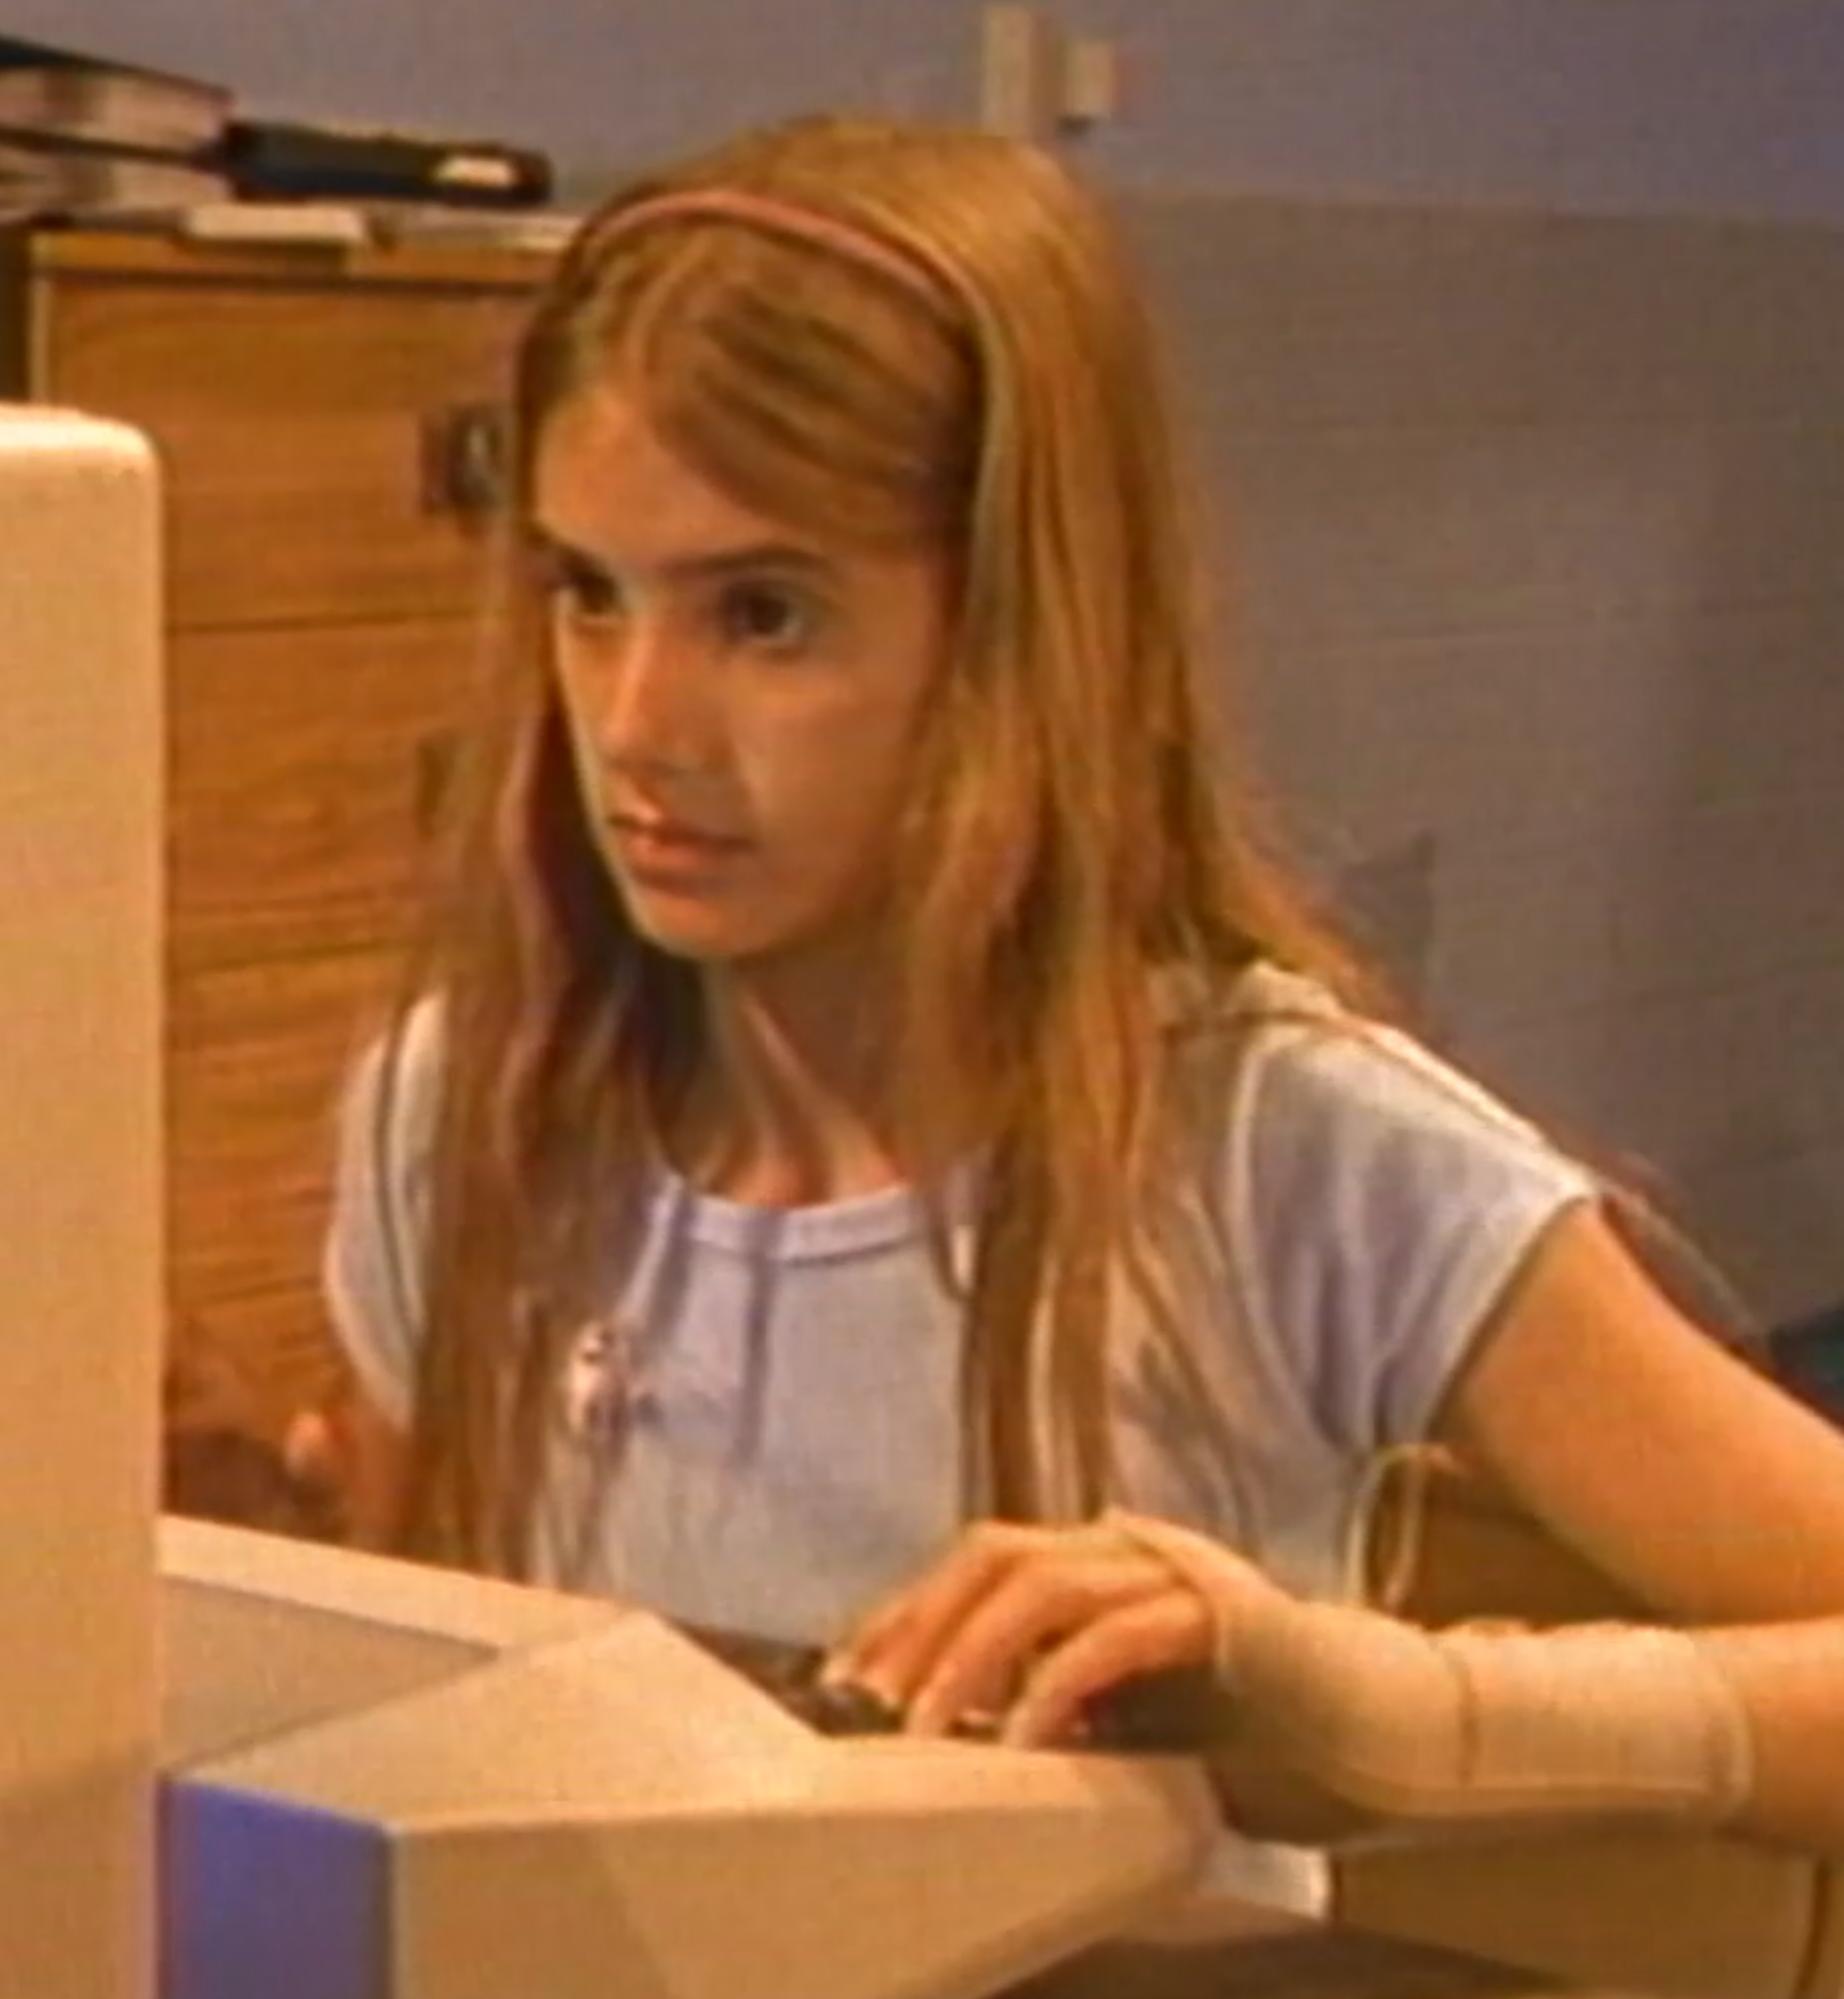 ANTIC Interview 427 - Margaret (Akin) Guilbault, Atari Camper